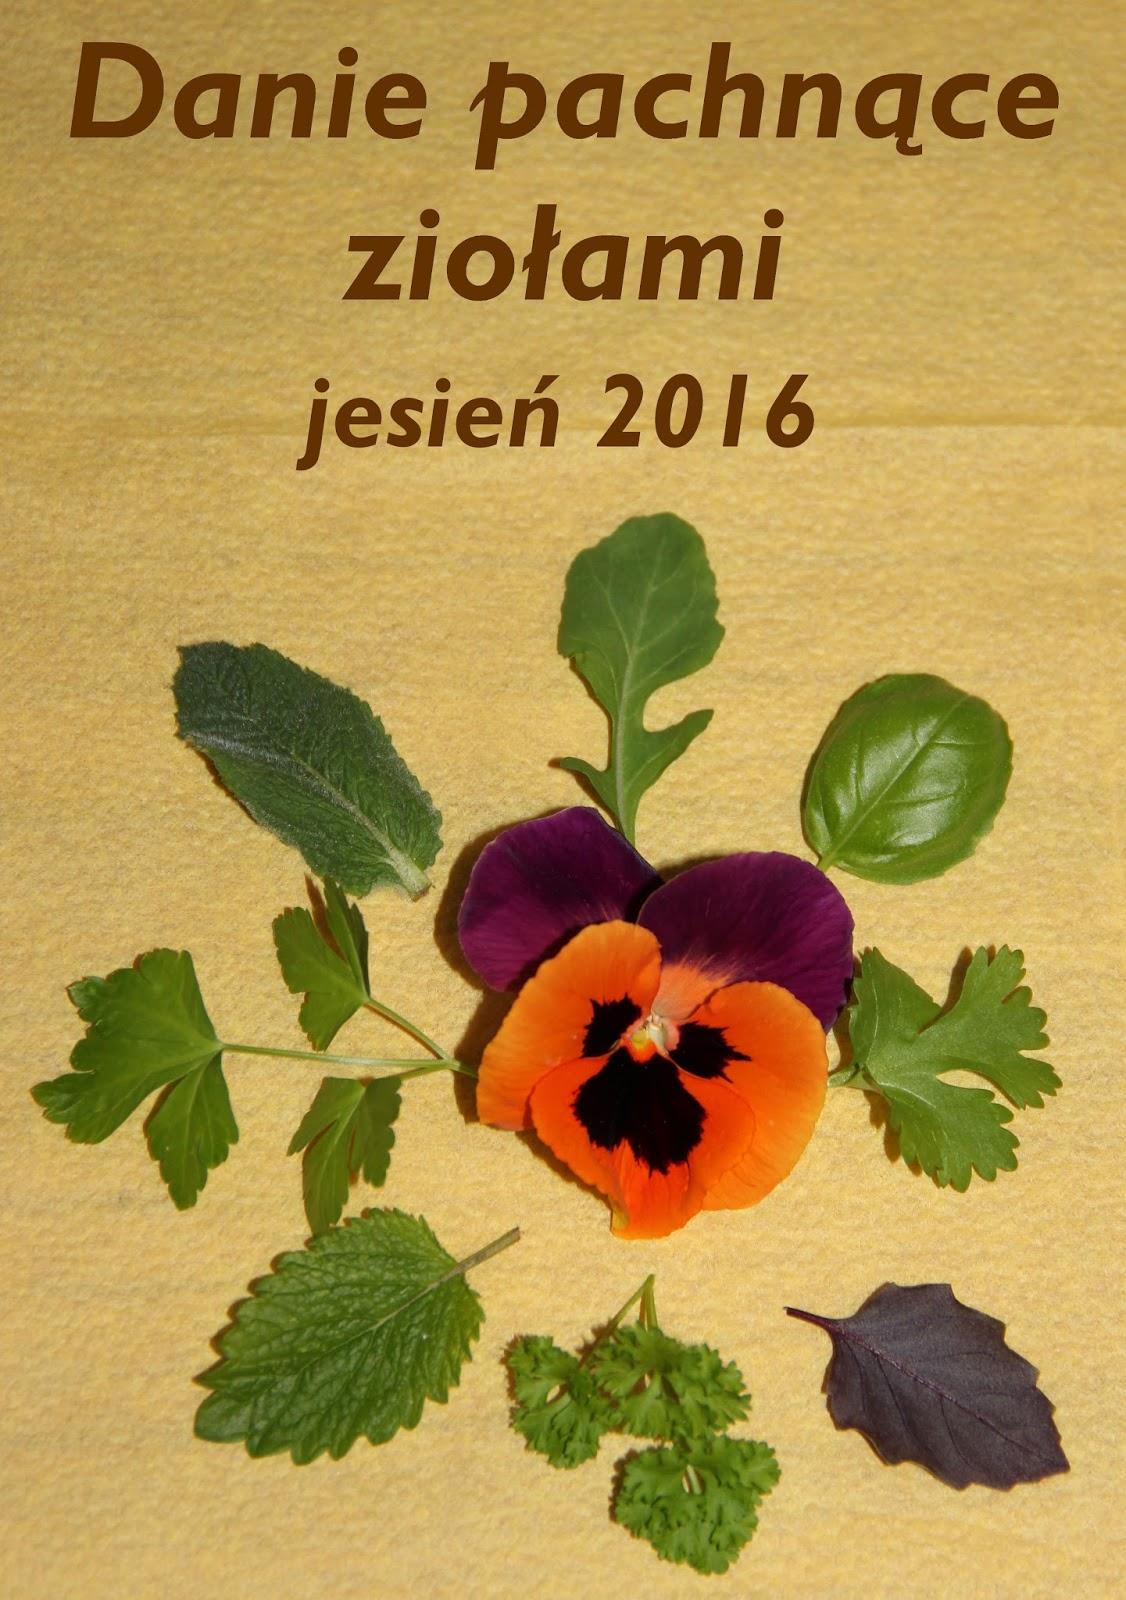 http://weekendywdomuiogrodzie.blogspot.com/2016/11/danie-pachnace-zioami-3-zaproszenie-do.html